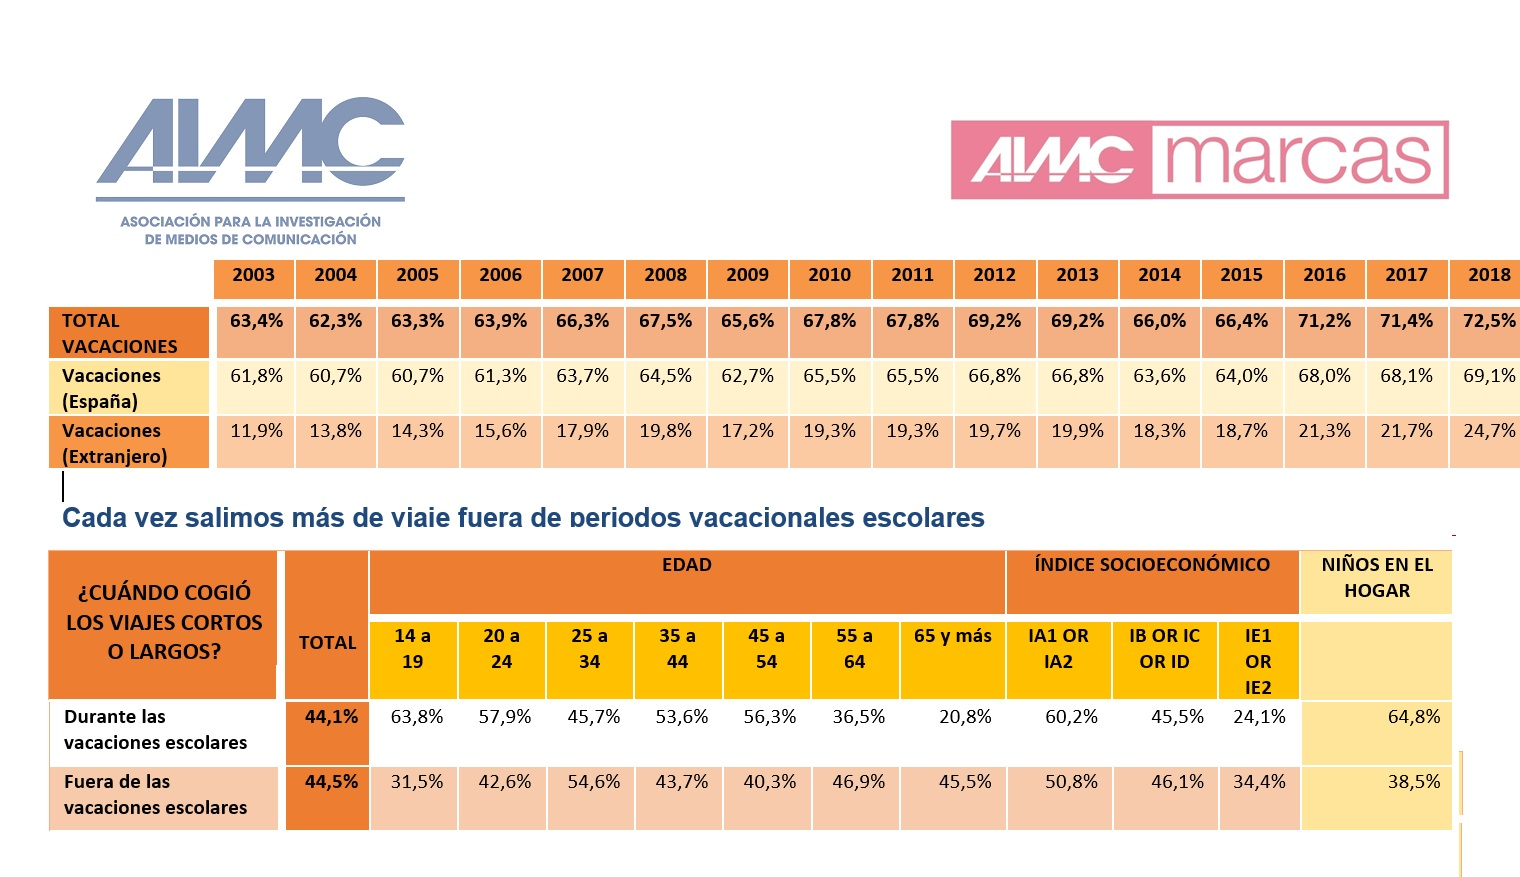 https://www.programapublicidad.com/wp-content/uploads/2019/07/aimc-marcas-viajes-viajeros-españoles-2018-programapublicidad-muy-grande.jpg